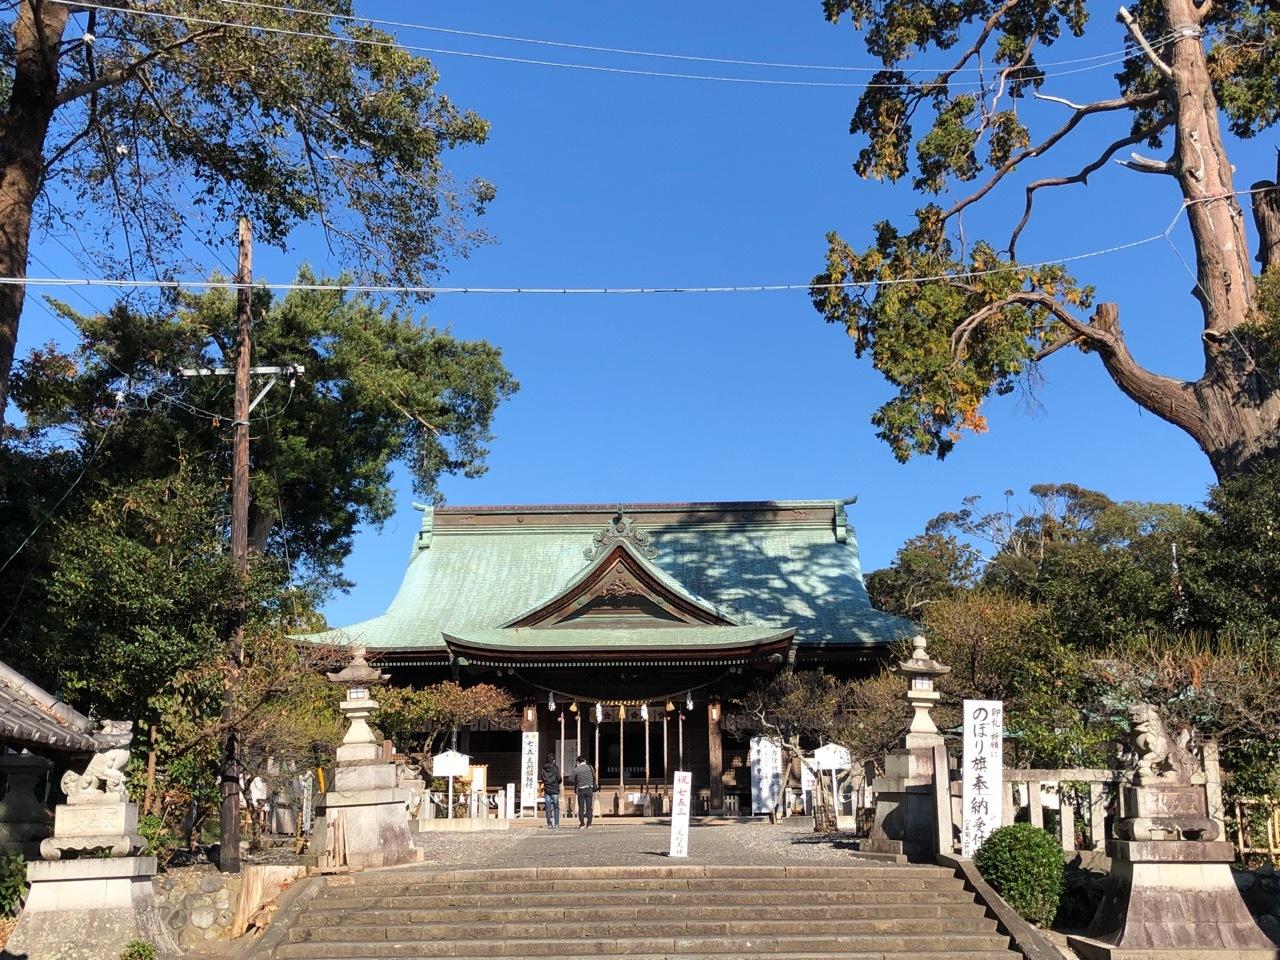 2018-12-1-1 矢奈比賣神社